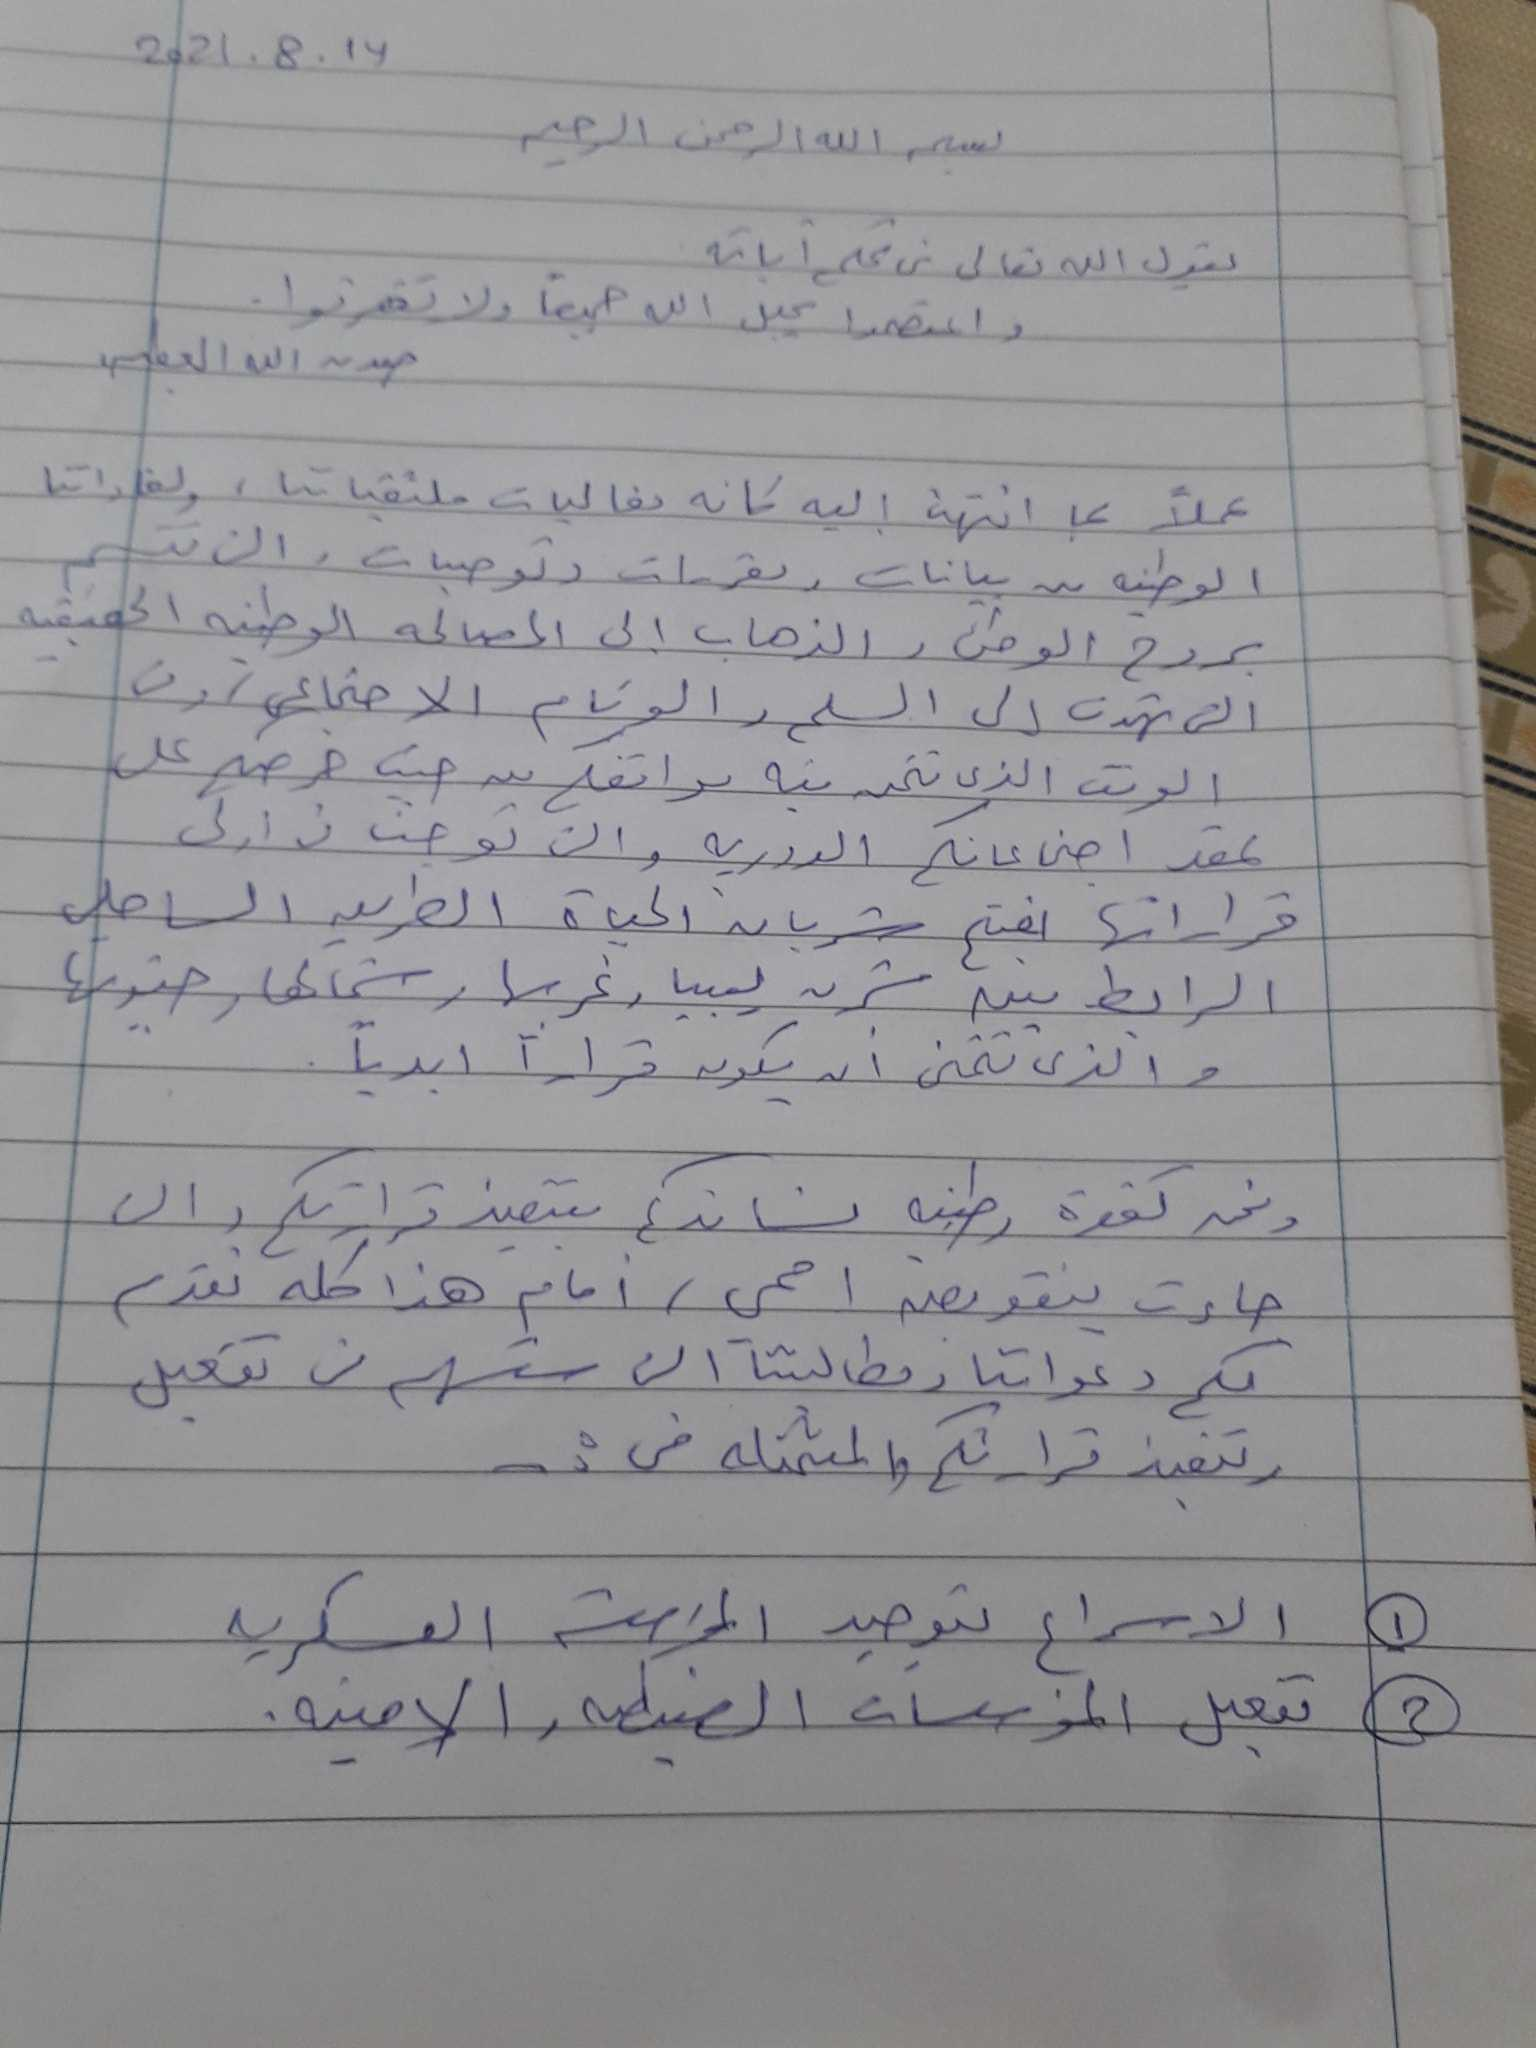 فعاليات القبائل الليبية تؤكد على إجراء